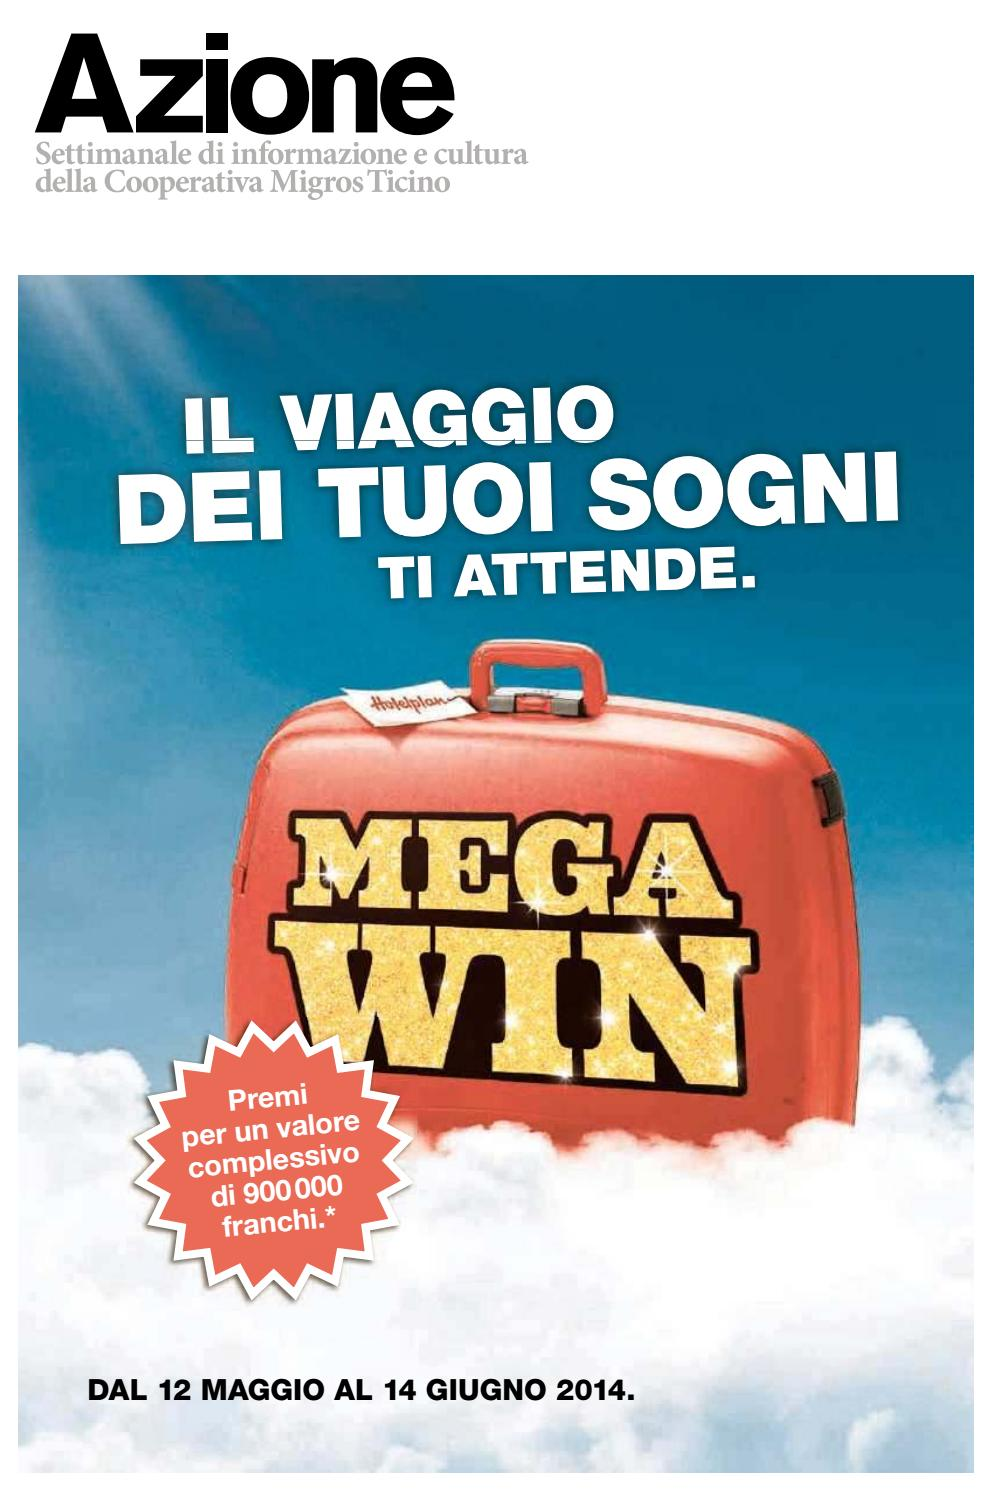 5x mille franchi-BUSTINA essere visione portafoglio portafoglio organizzazione 2.00 €//1st